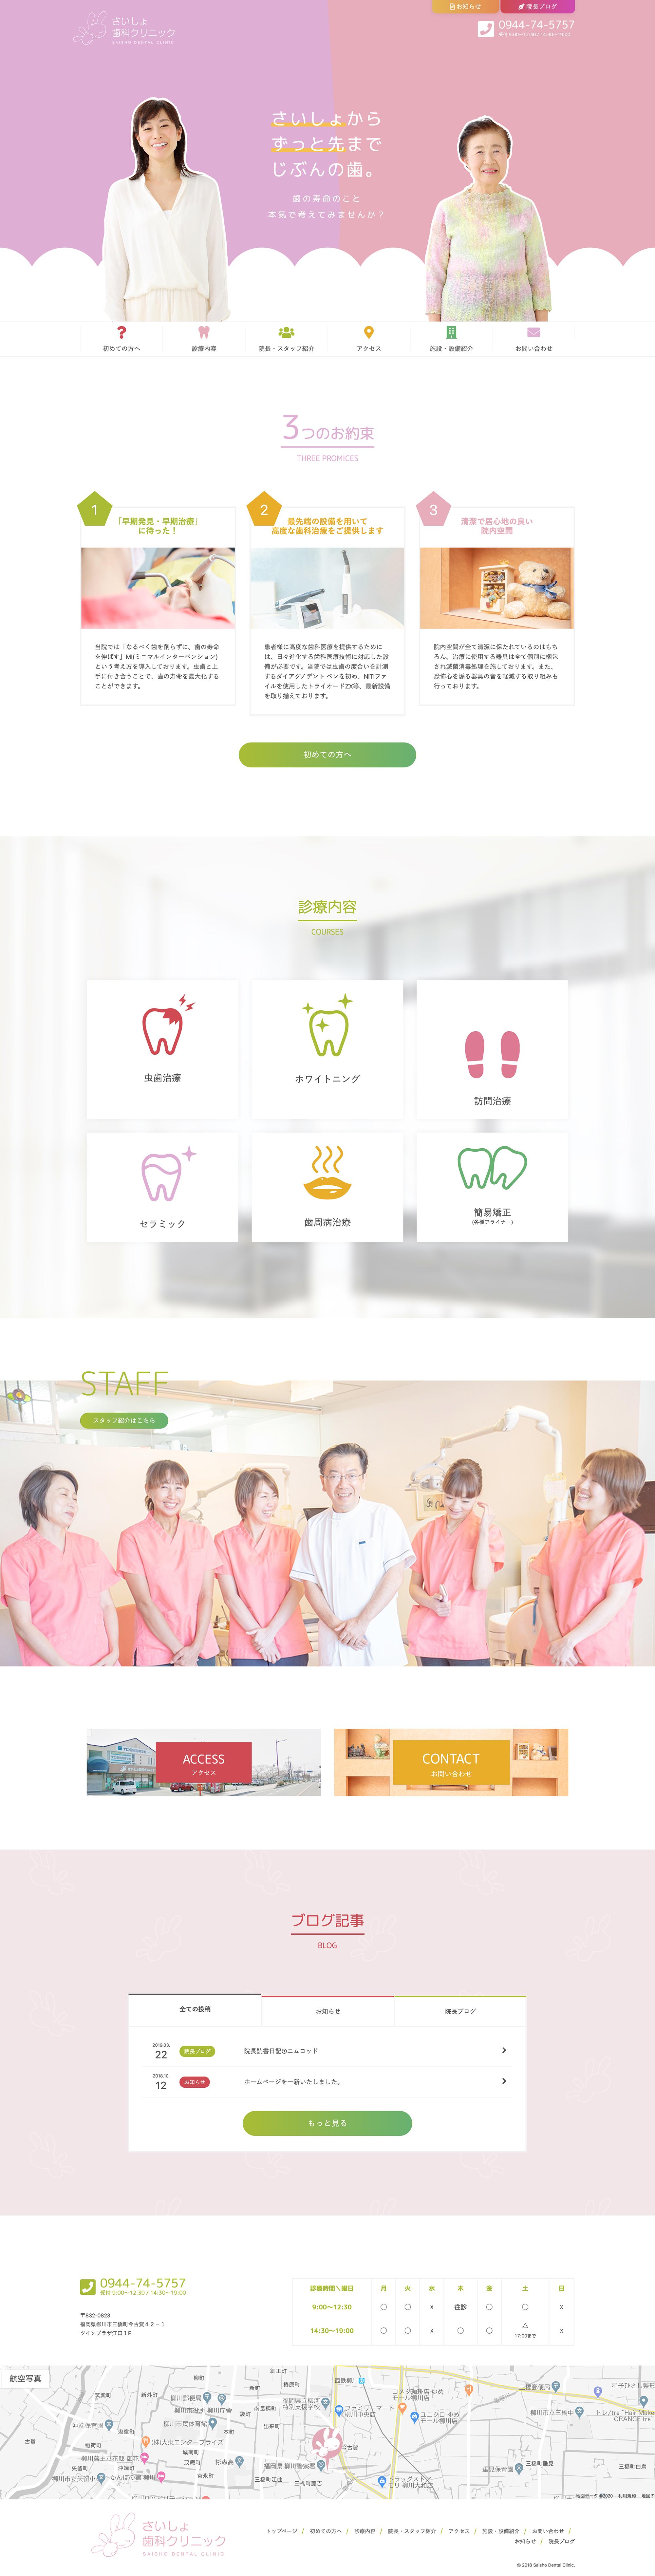 さいしょ歯科クリニック様 ホームページ PC画像